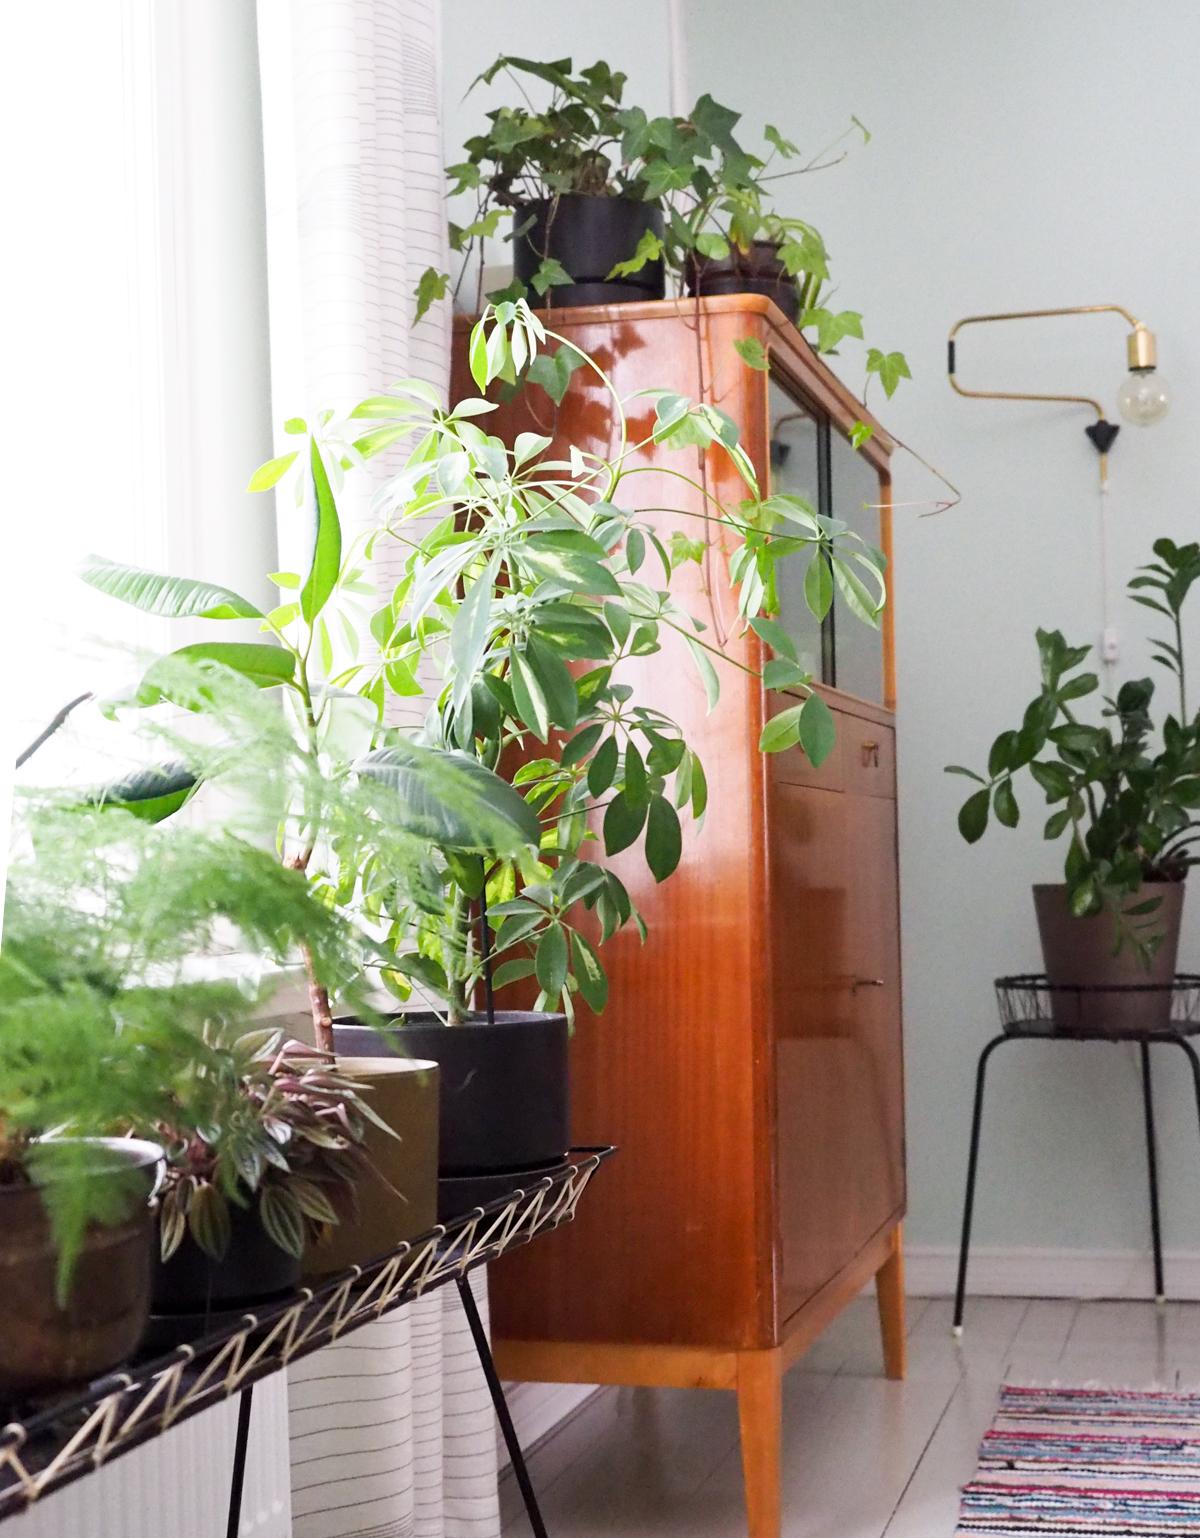 viherkasvien hoito-ohjeet